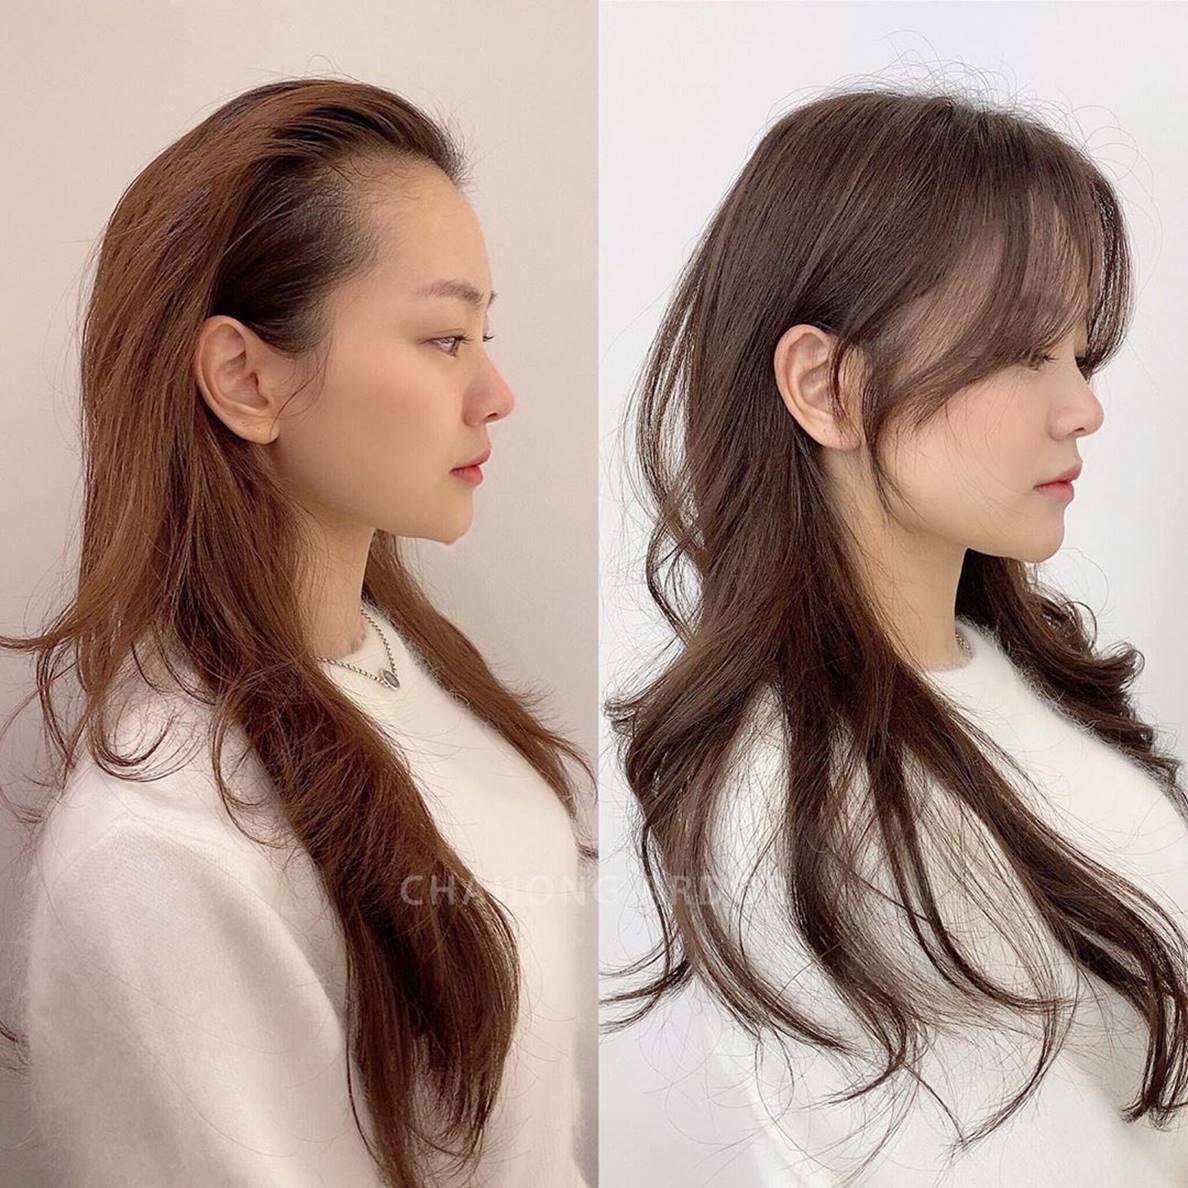 Chỉ thay đổi chút đỉnh mái tóc, loạt mỹ nhân khiến fan phải đứng hình